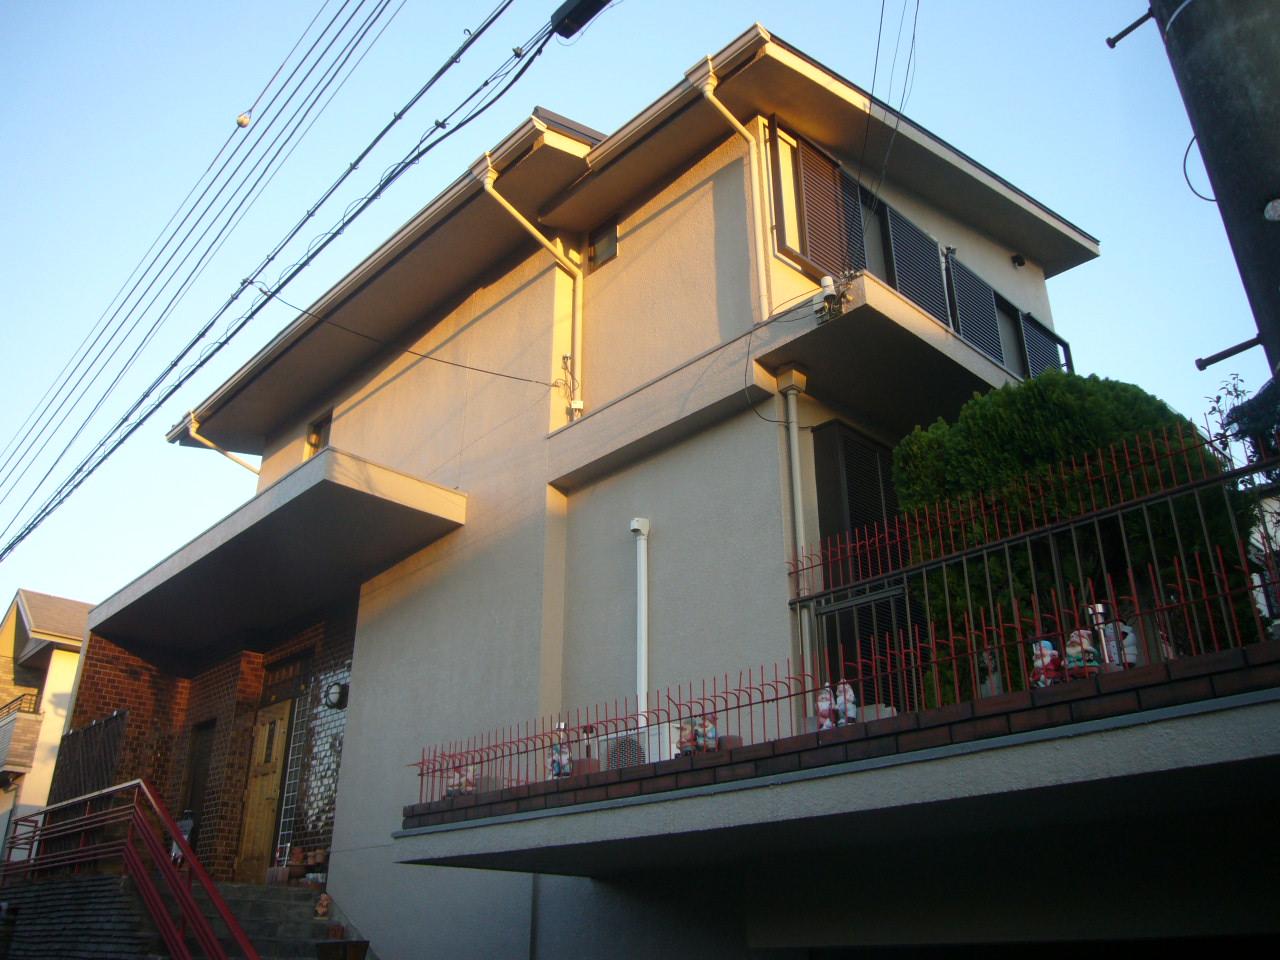 神戸市 外壁フッソ塗装・屋根ガリバリューム鋼葺き